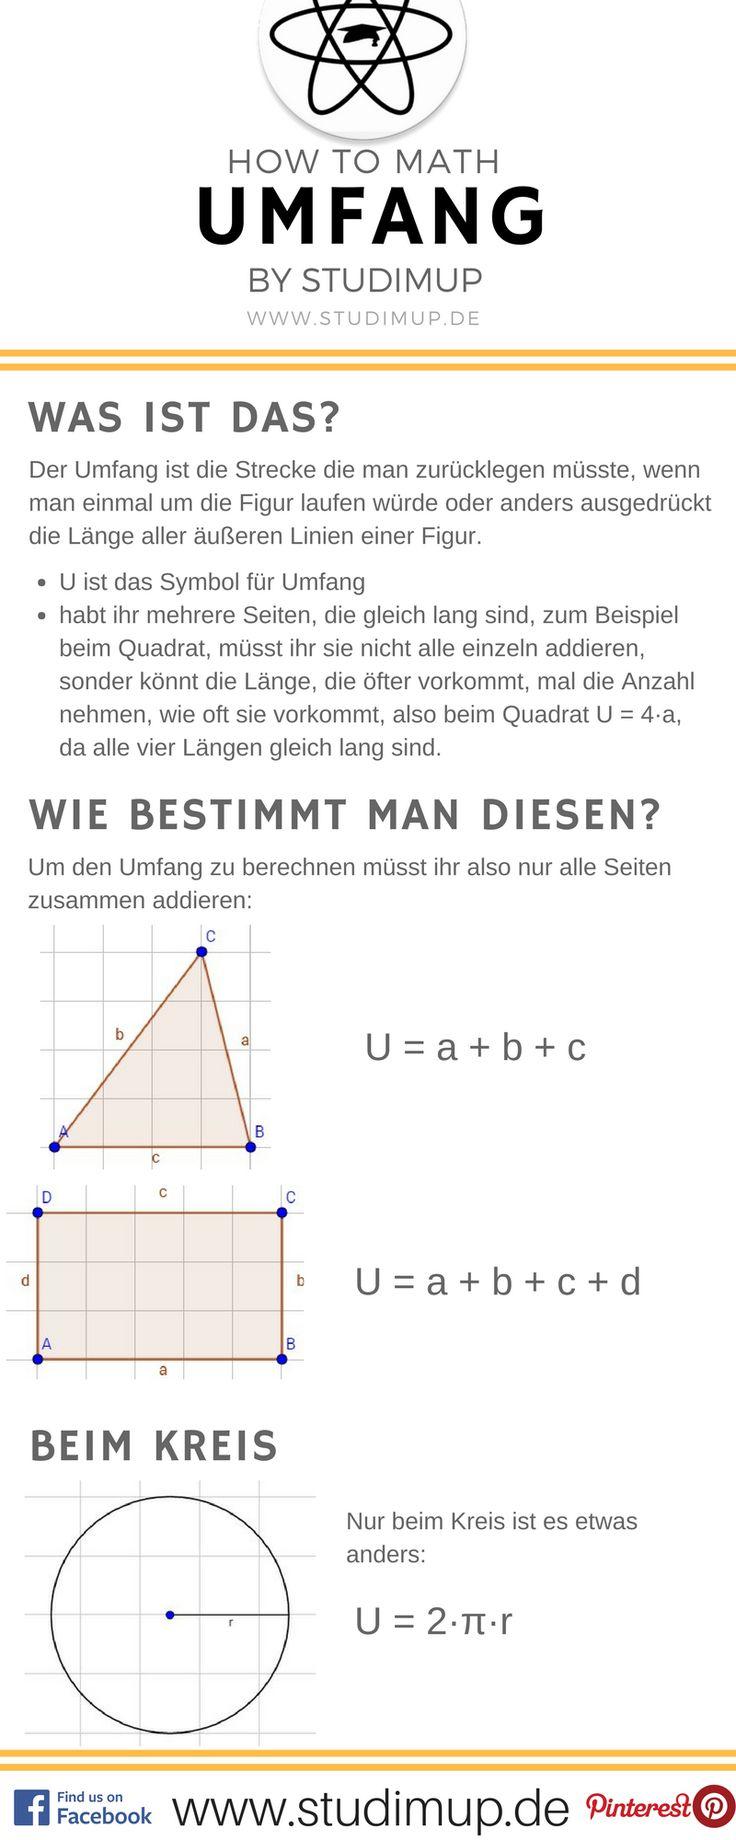 Mathe Spickzettel zum Umfang. Einfache Erklärungen auf Studimup!